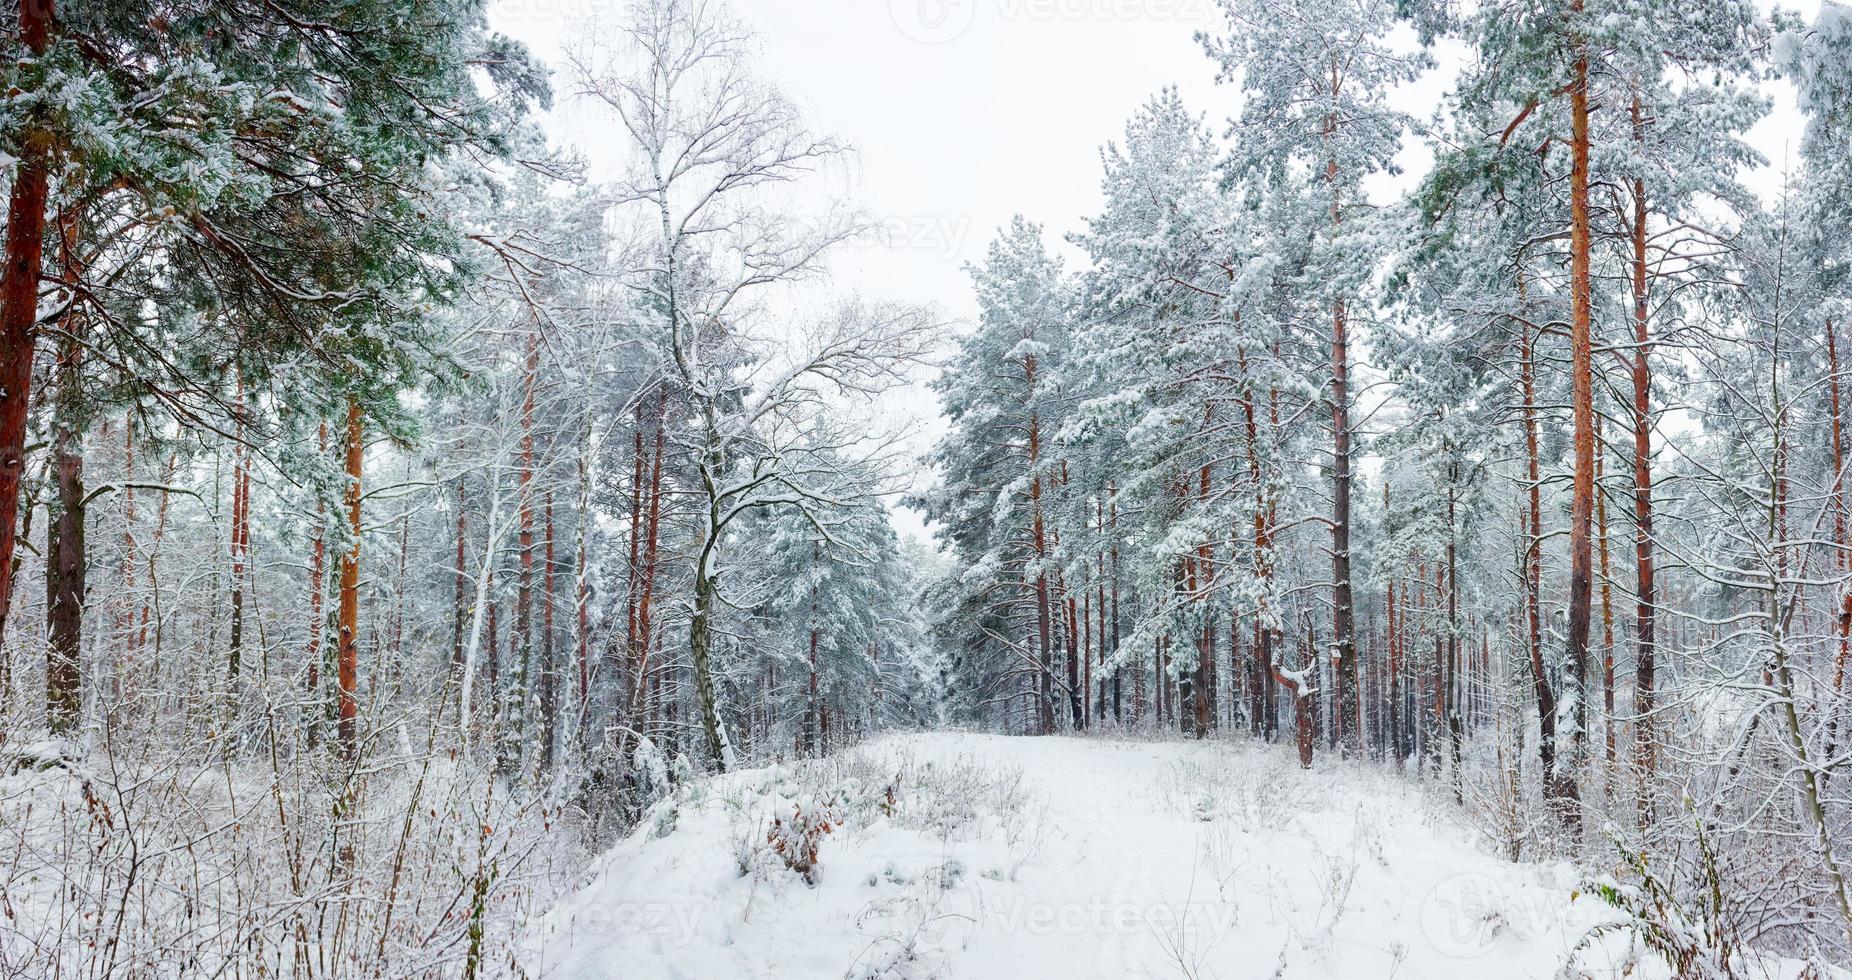 bosque de invierno durante una nevada foto